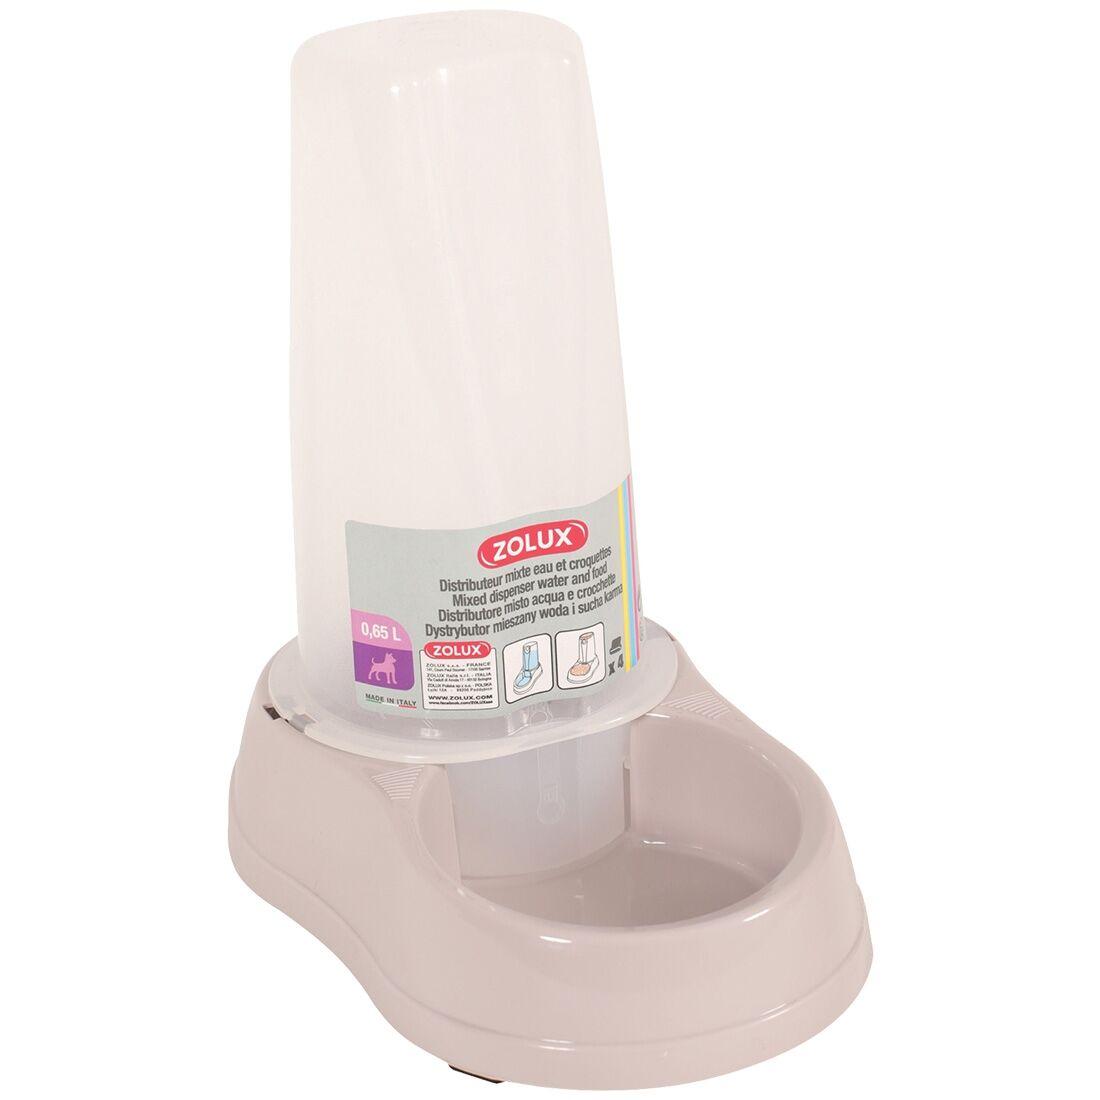 Stefanplast Distributeur mixte d'eau ou de croquettes antidérapant rose poudré Contenance : 0,65 l